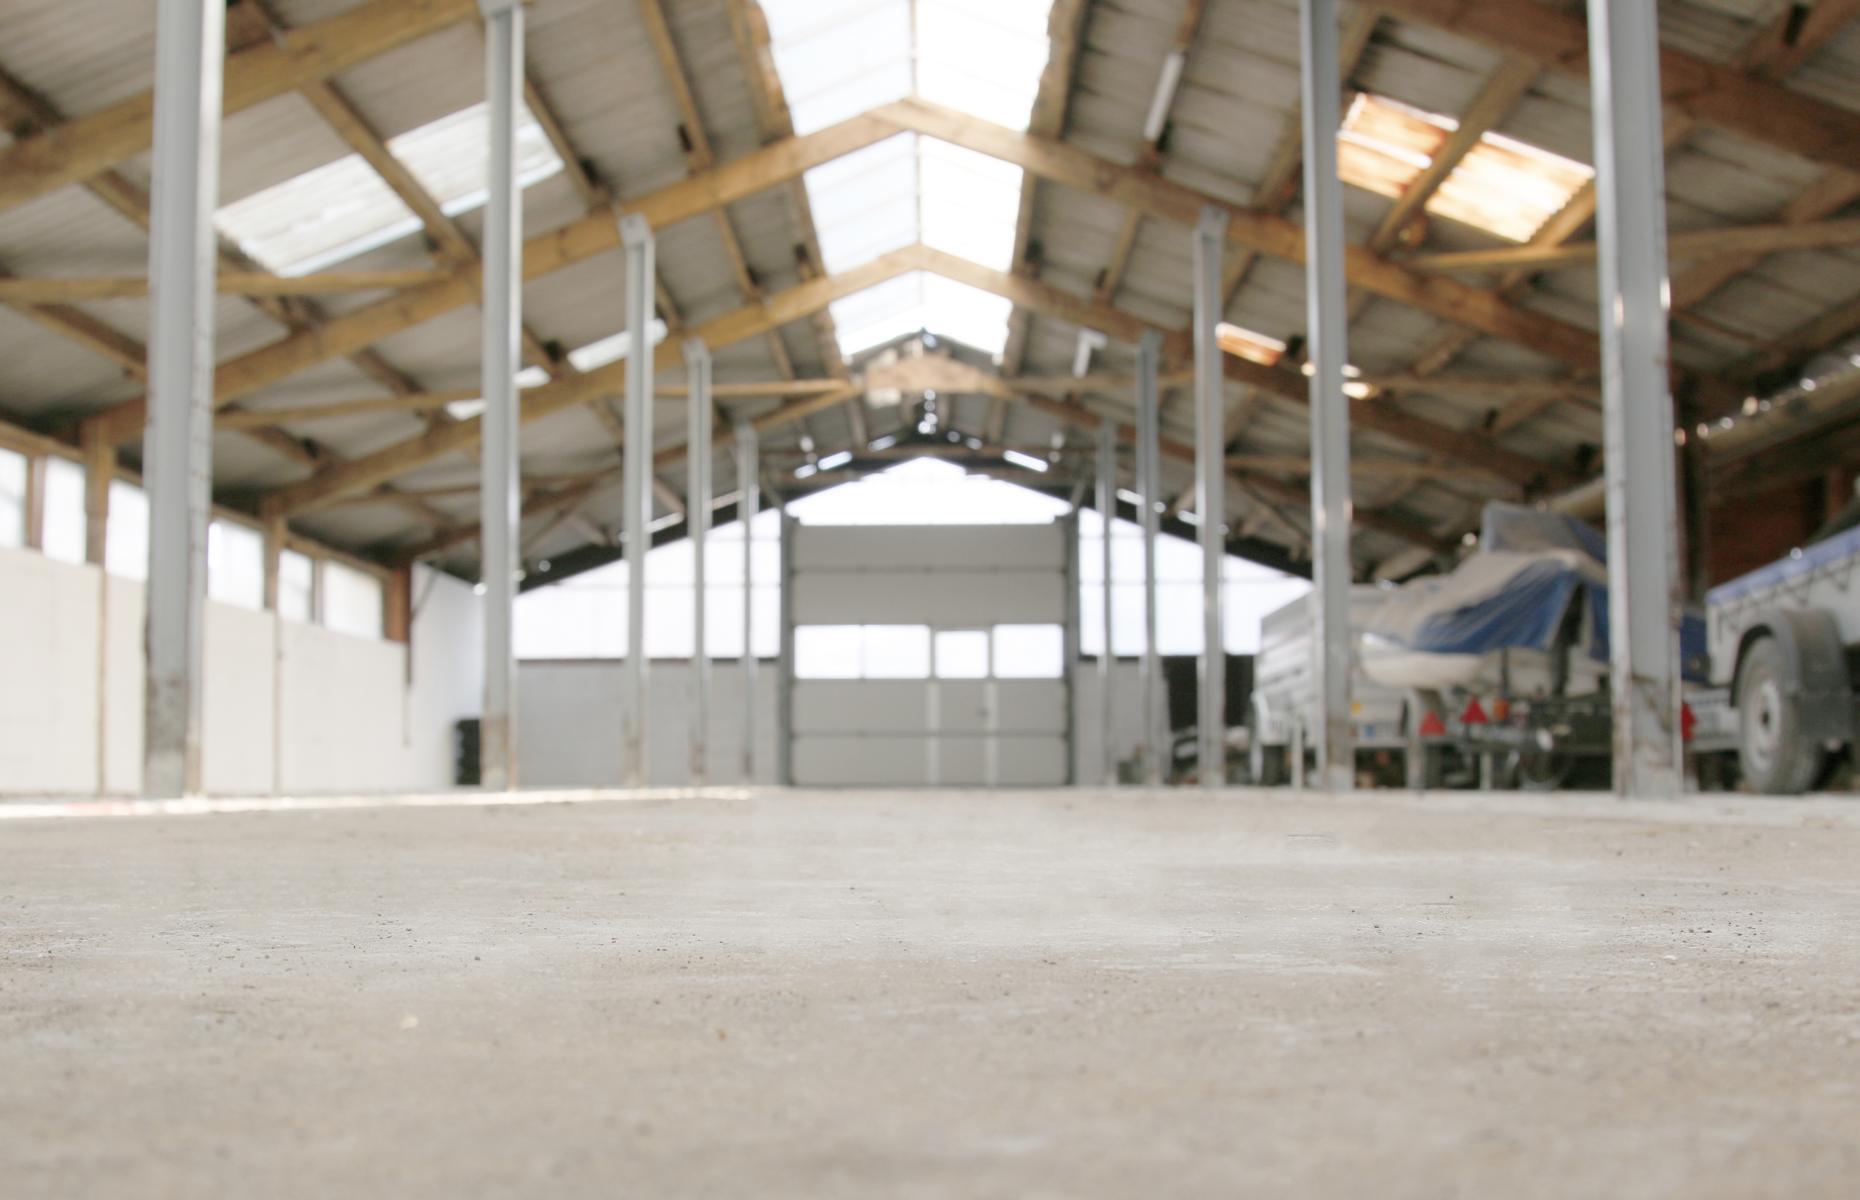 Wir stellen Stellplätze in unserer Halle oder auf unseren befestigten Freiflächen zur Verfügung